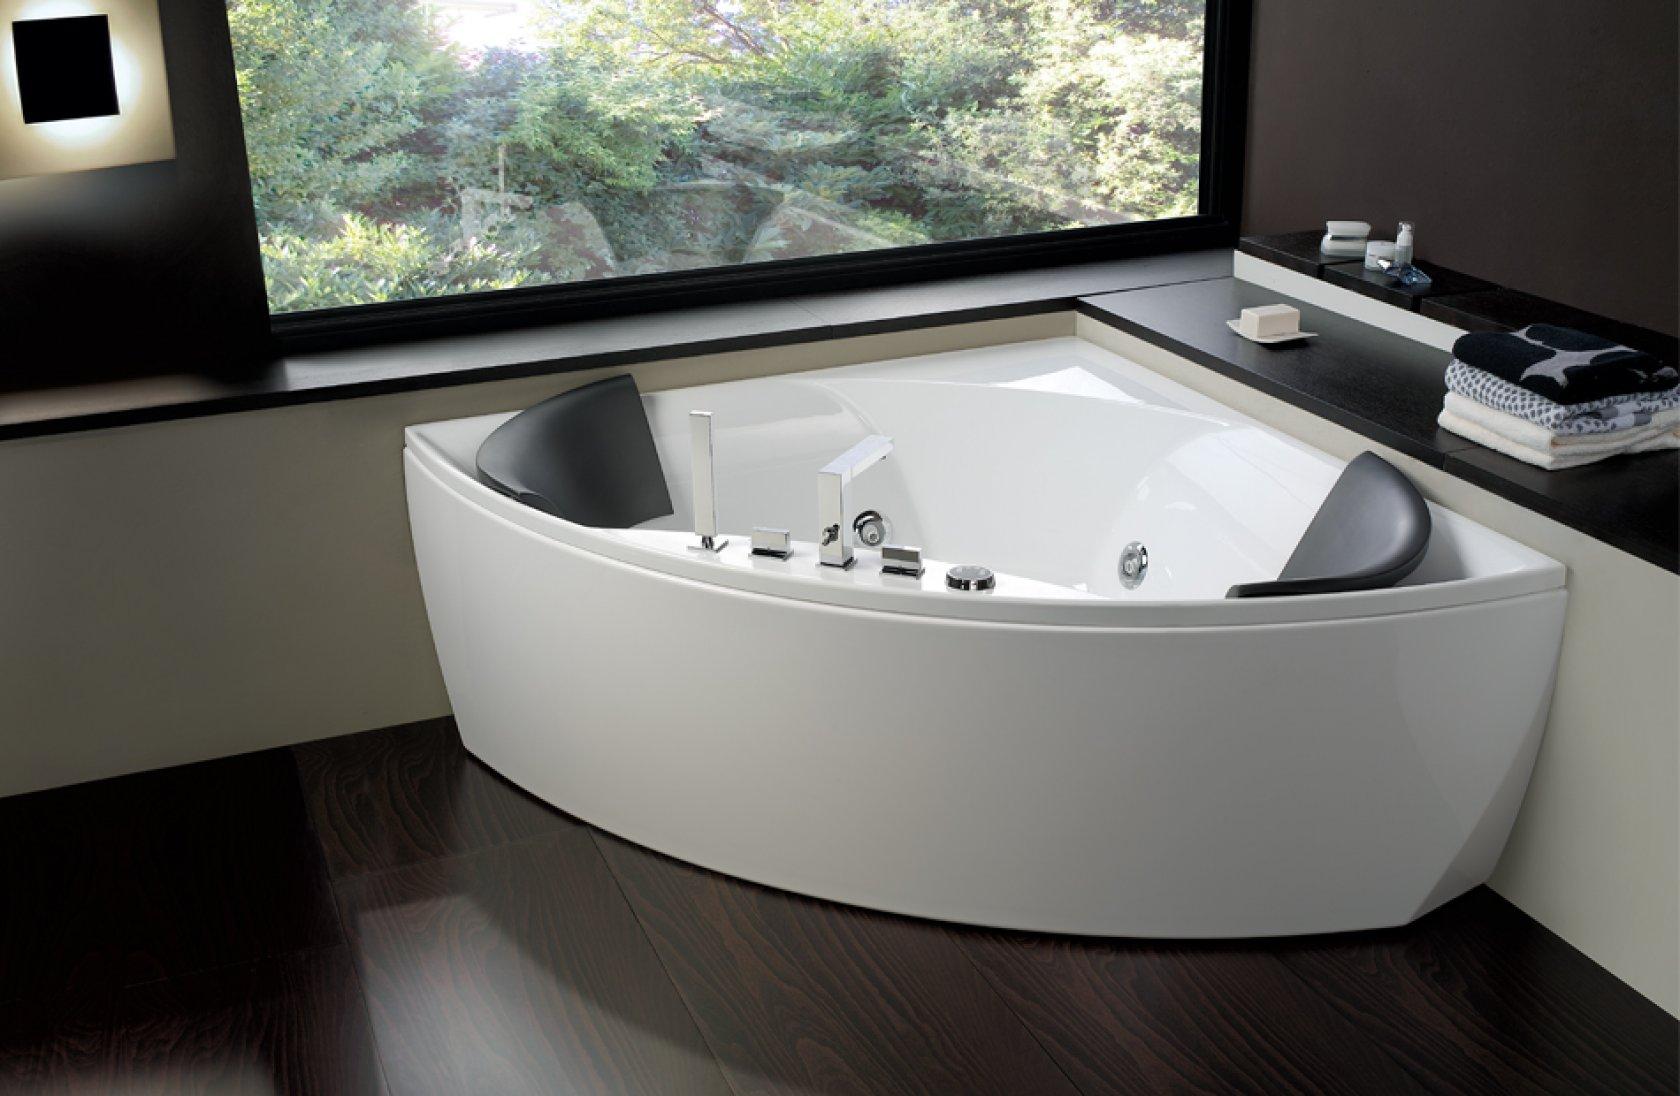 Vasca Da Bagno Angolare Da Incasso Prezzi : Blubleu vasche da bagno vasche da bagno edilceramiche di maccanò